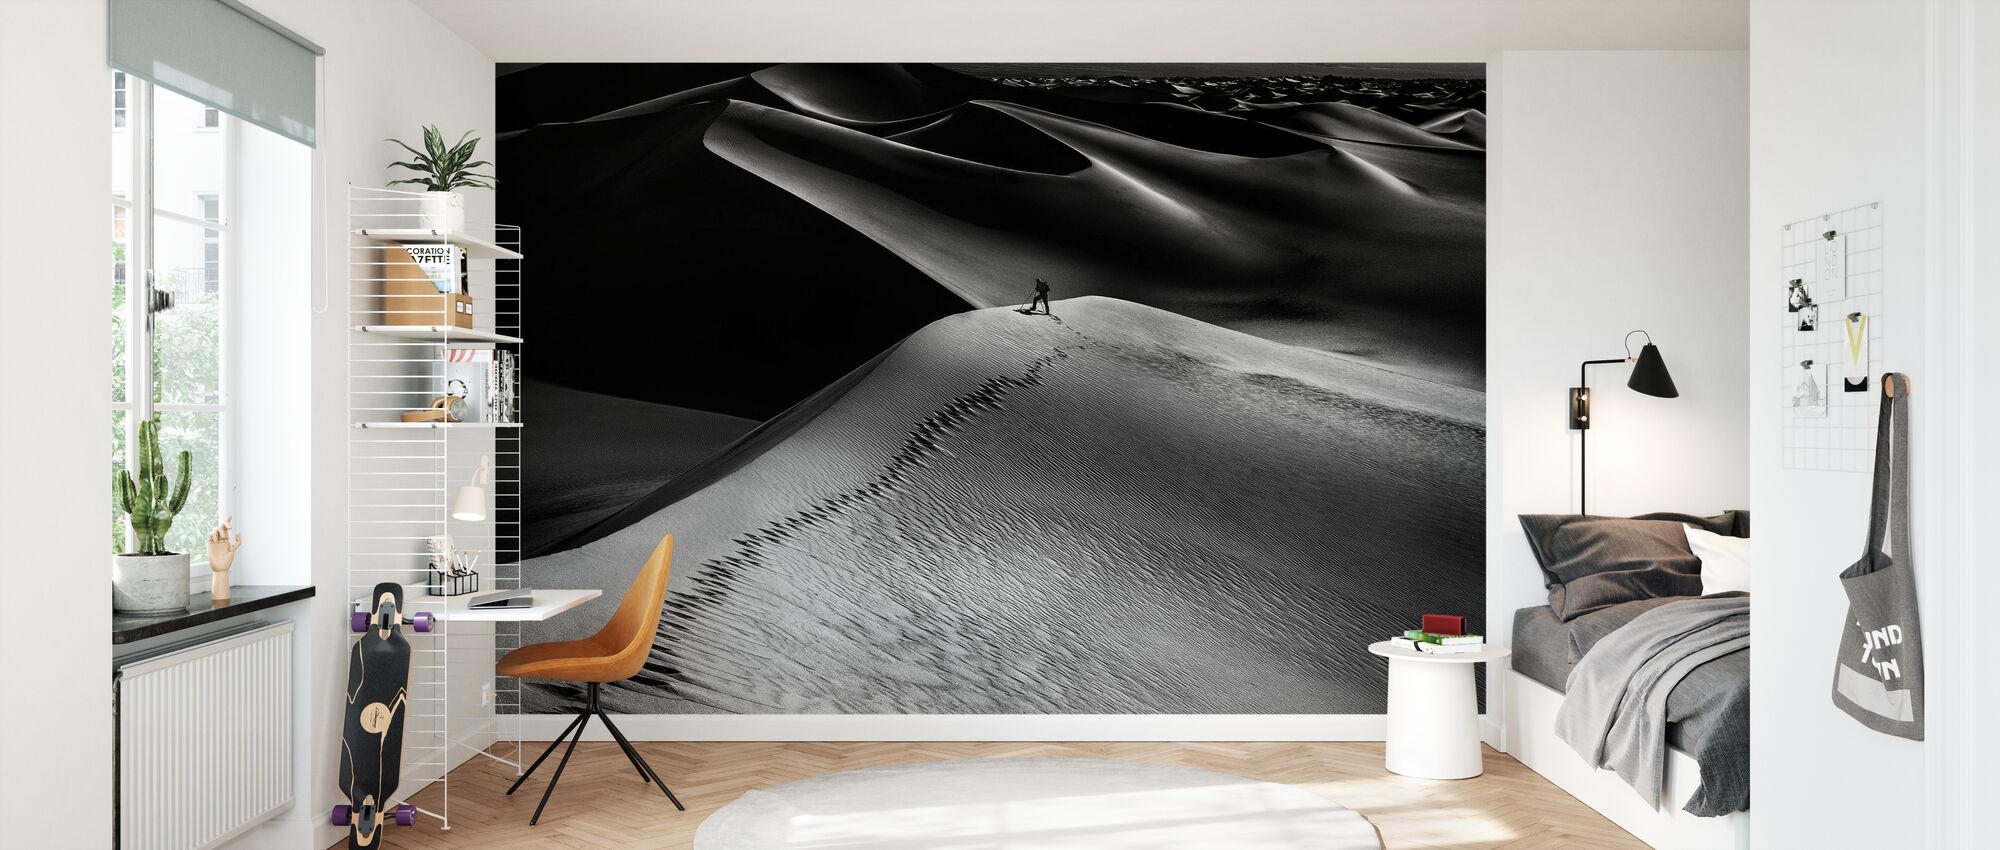 One Set of Footprints - Wallpaper - Kids Room